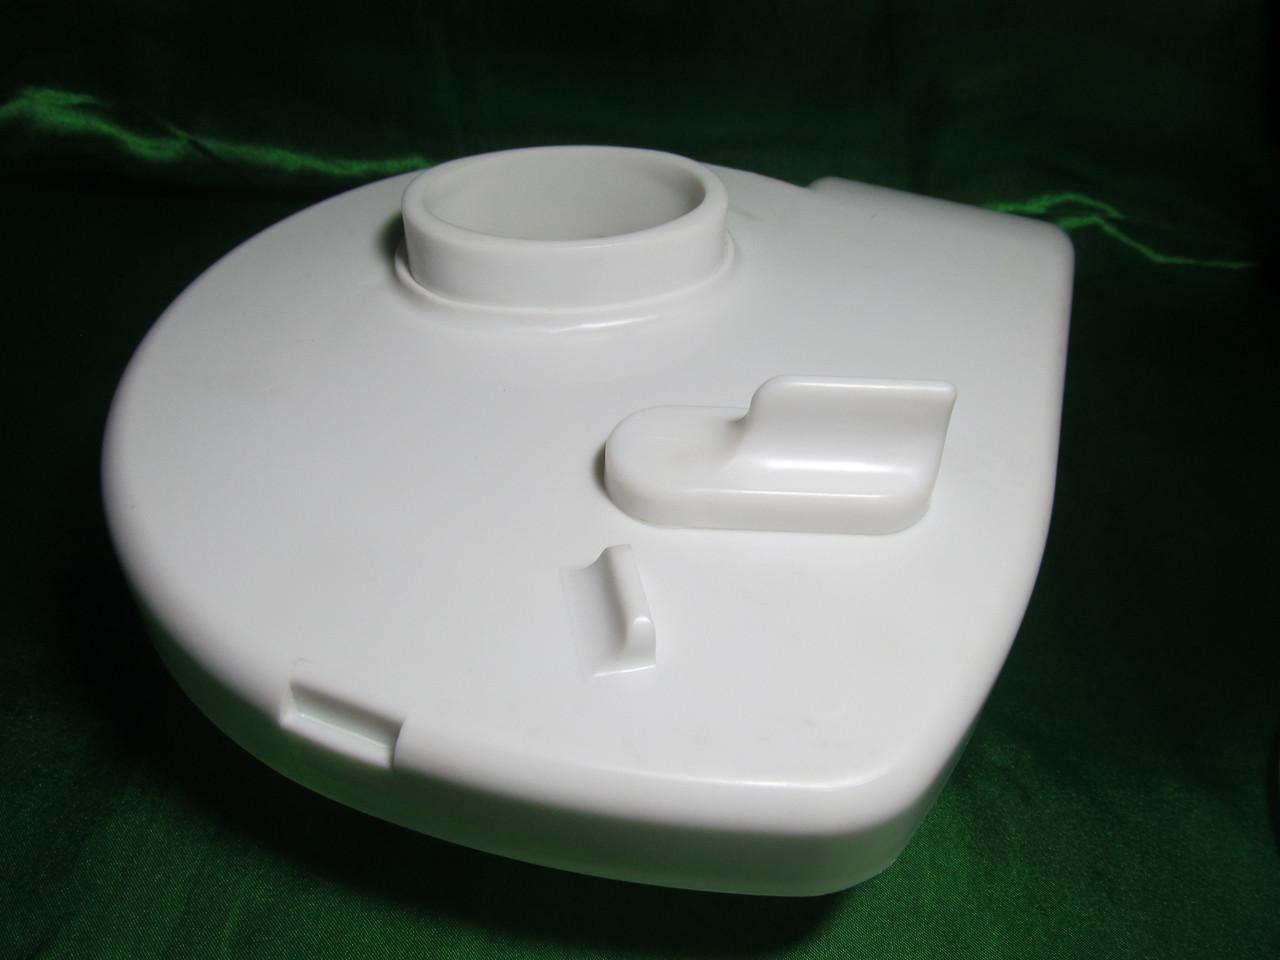 Крышка соковыжималки Родничок  - Интернет магазин Лафа в Полтаве